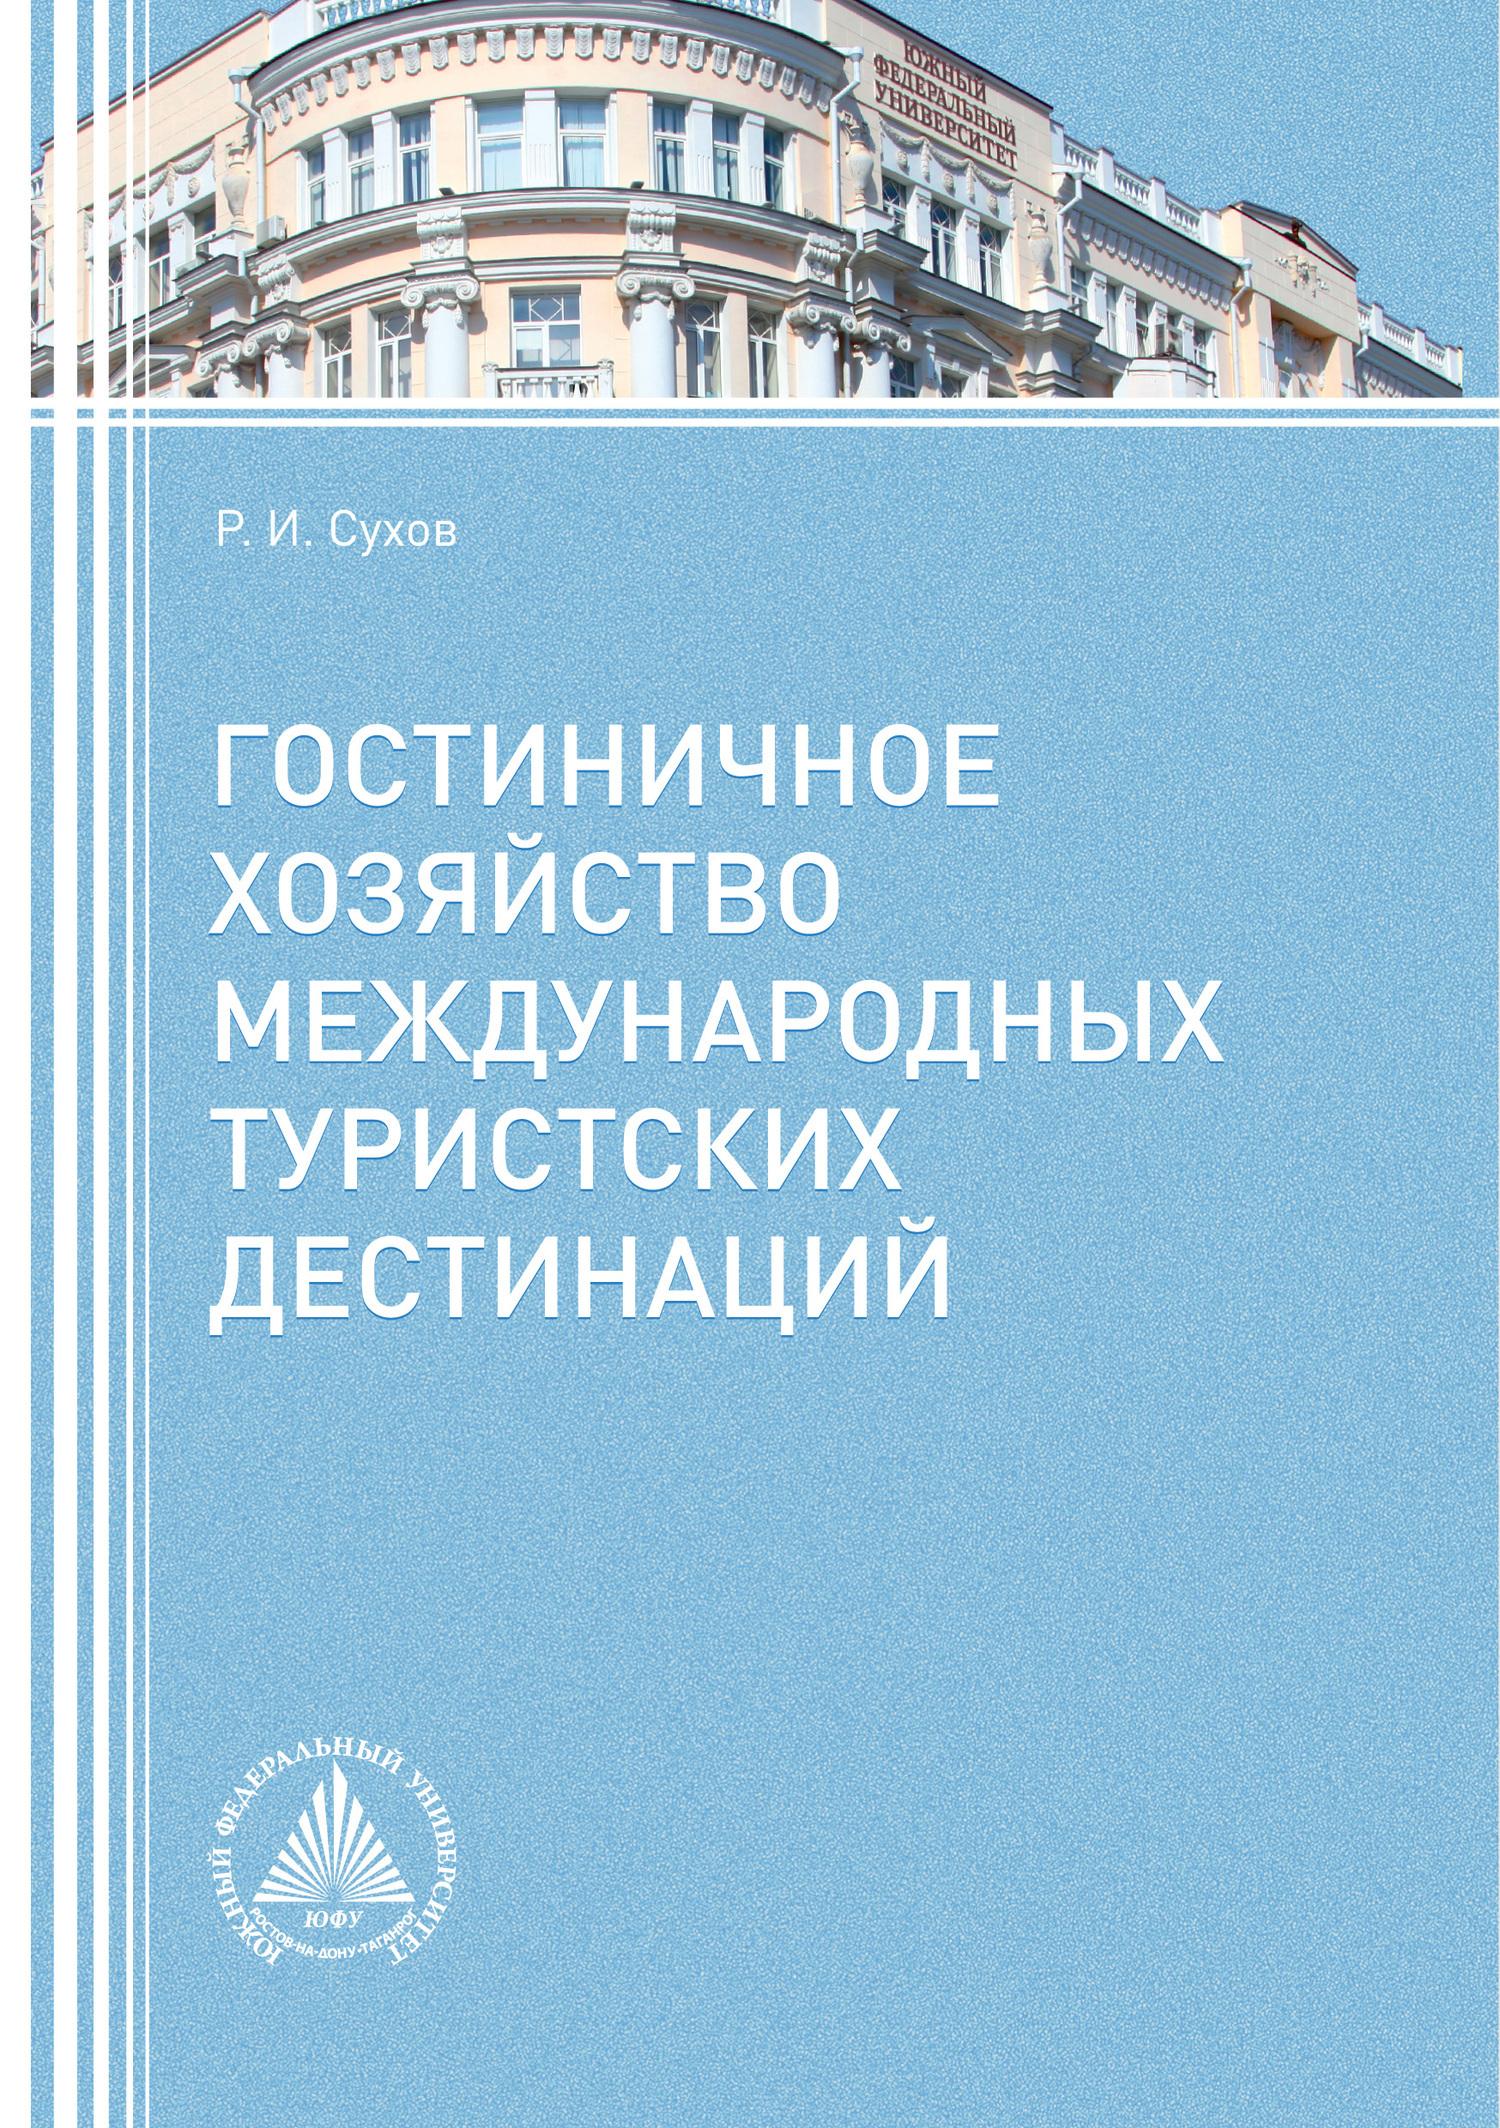 Обложка книги Гостиничное хозяйство международных туристских дестинаций